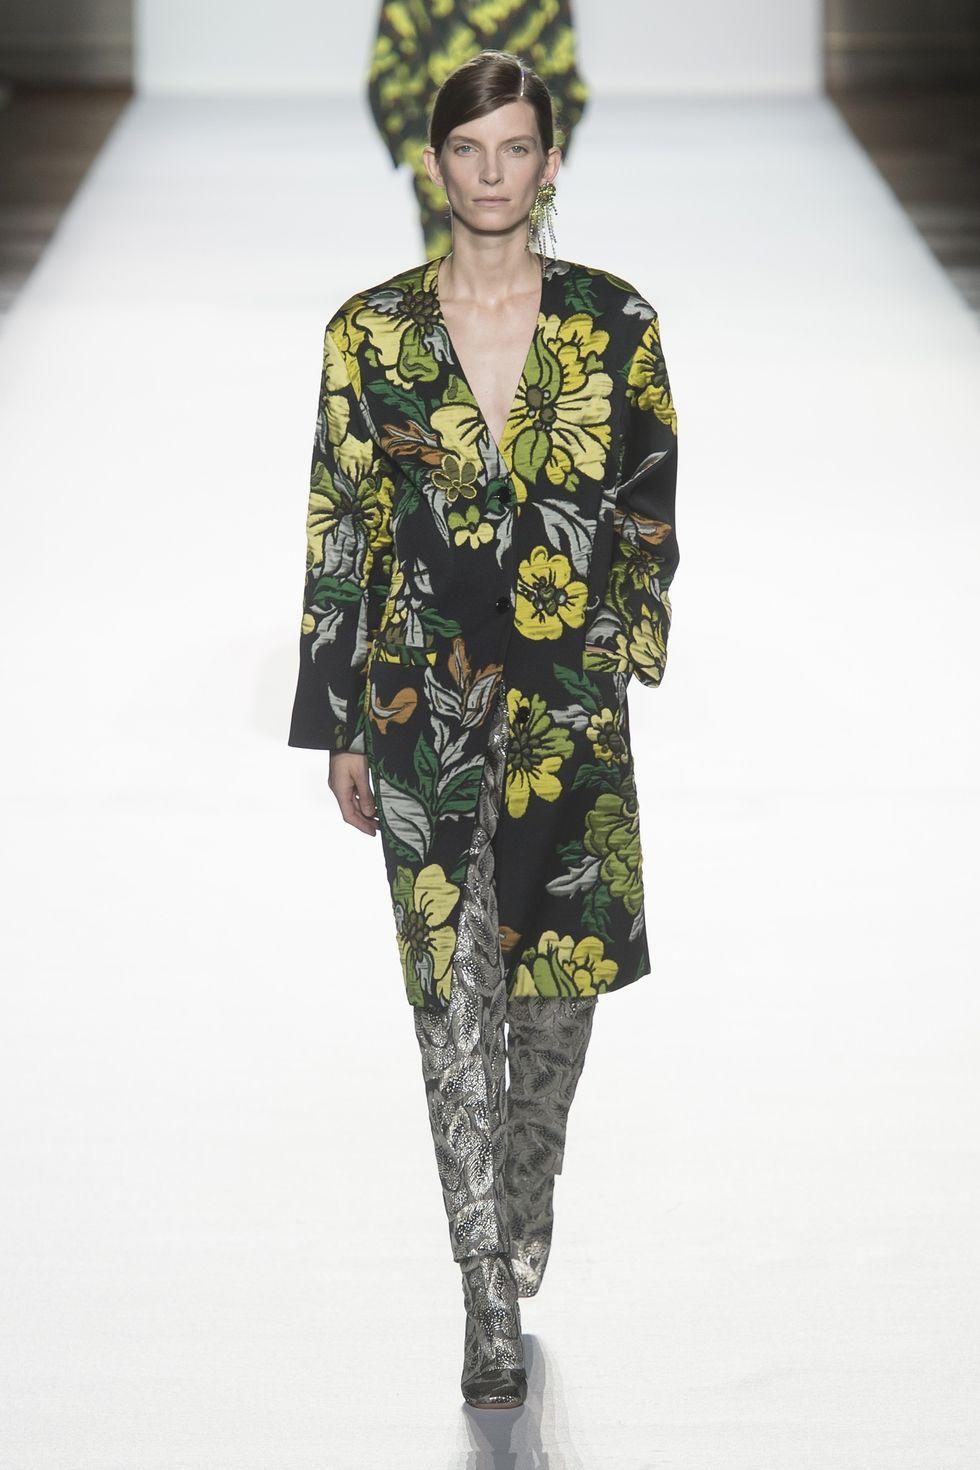 Цветочный принт в моделях верхней одежды. Dries Van Noten, весна 2018